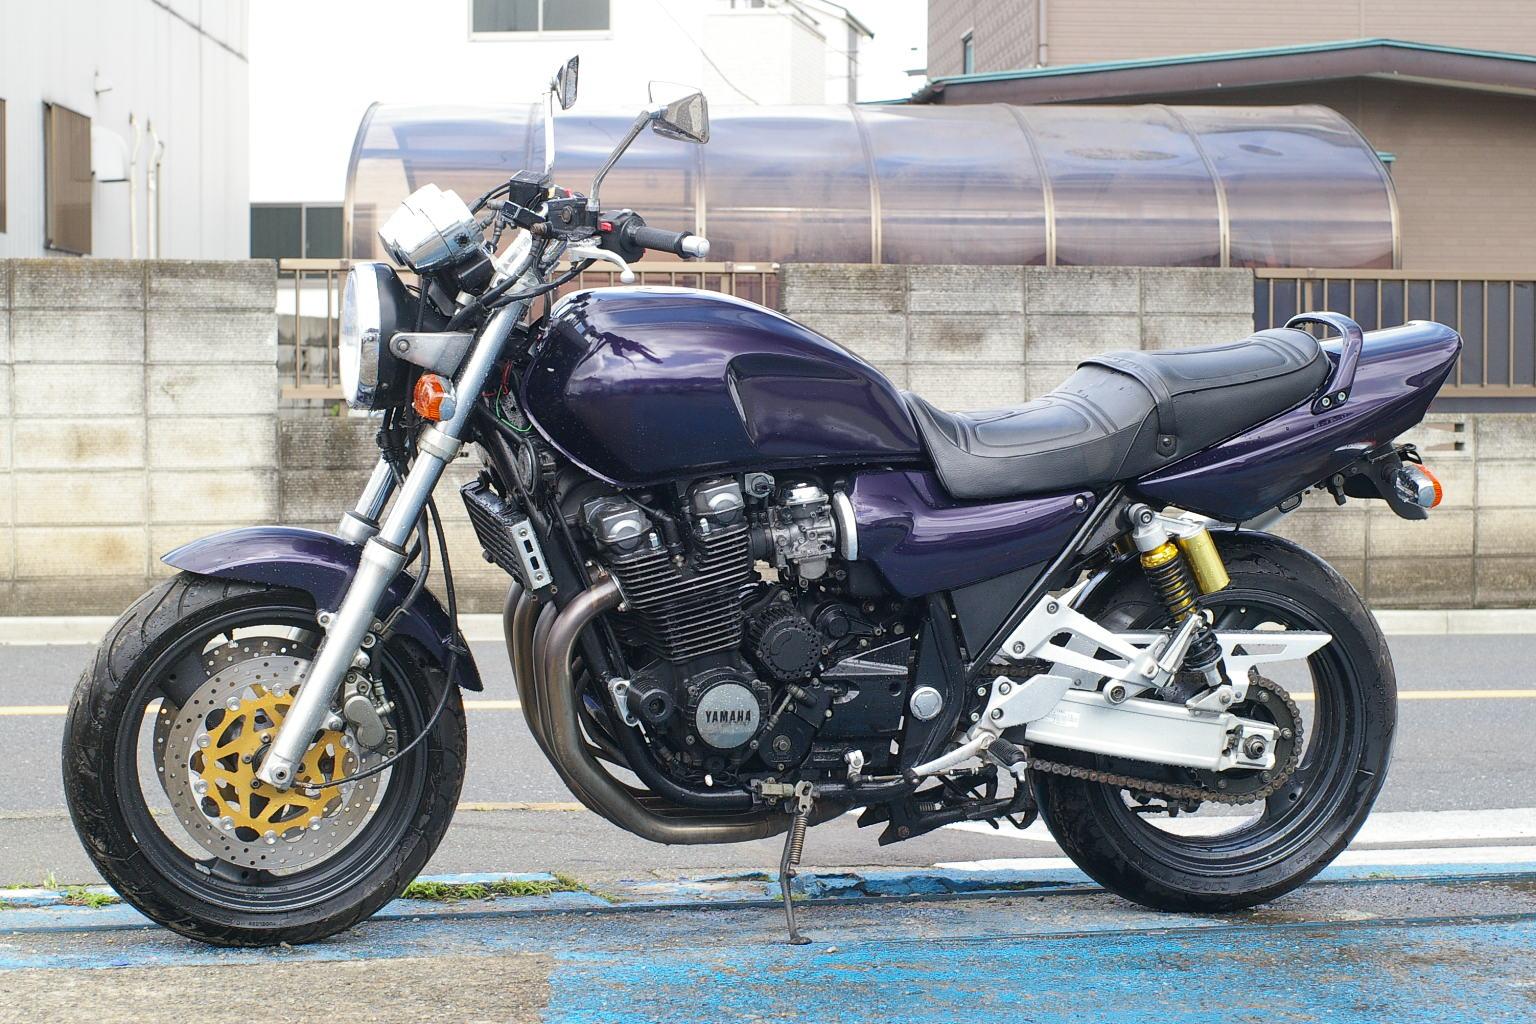 J Yamaha